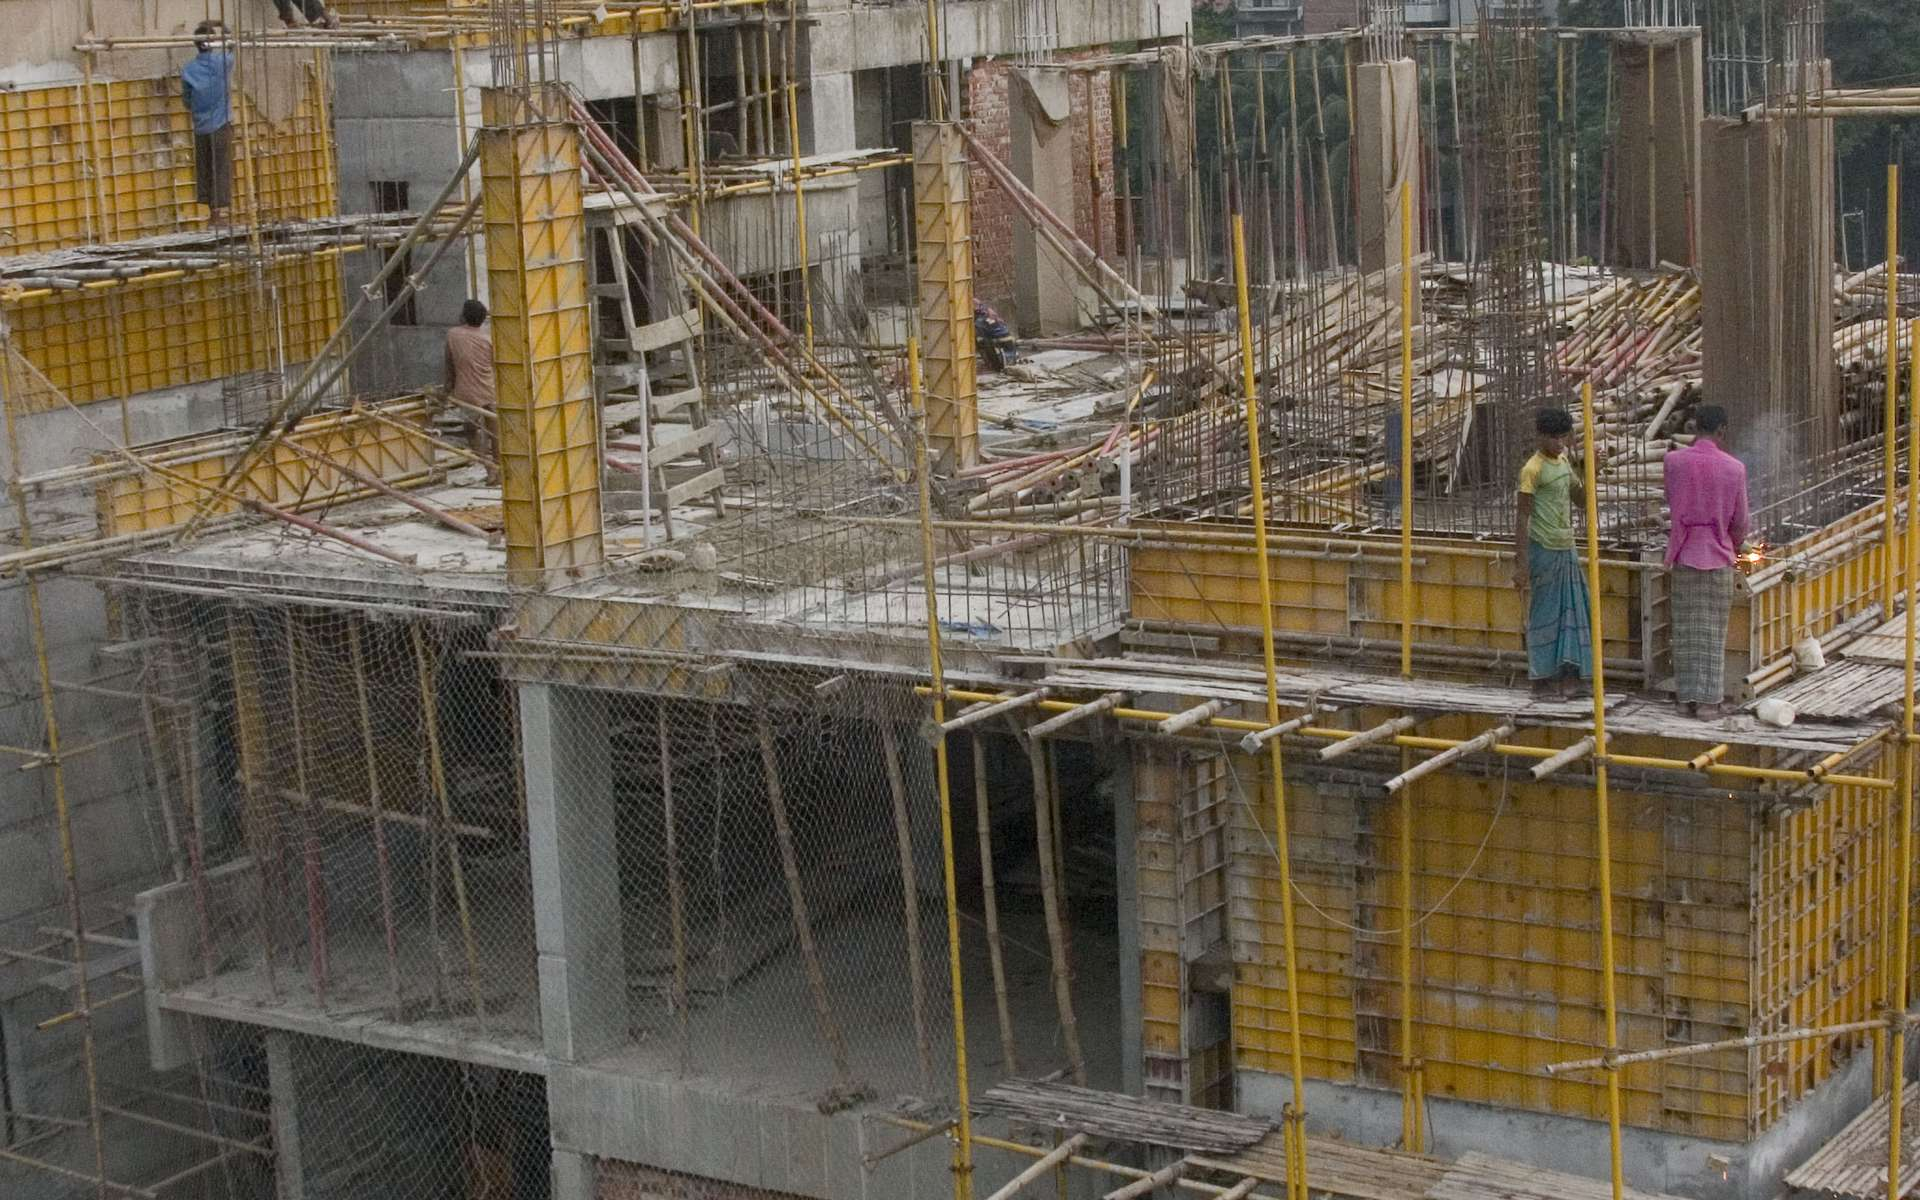 La platée est l'ensemble des fondations qui permettent de monter un édifice. © Jeff Ratliff, CC BY-SA 2.0, Wikimedia Commons